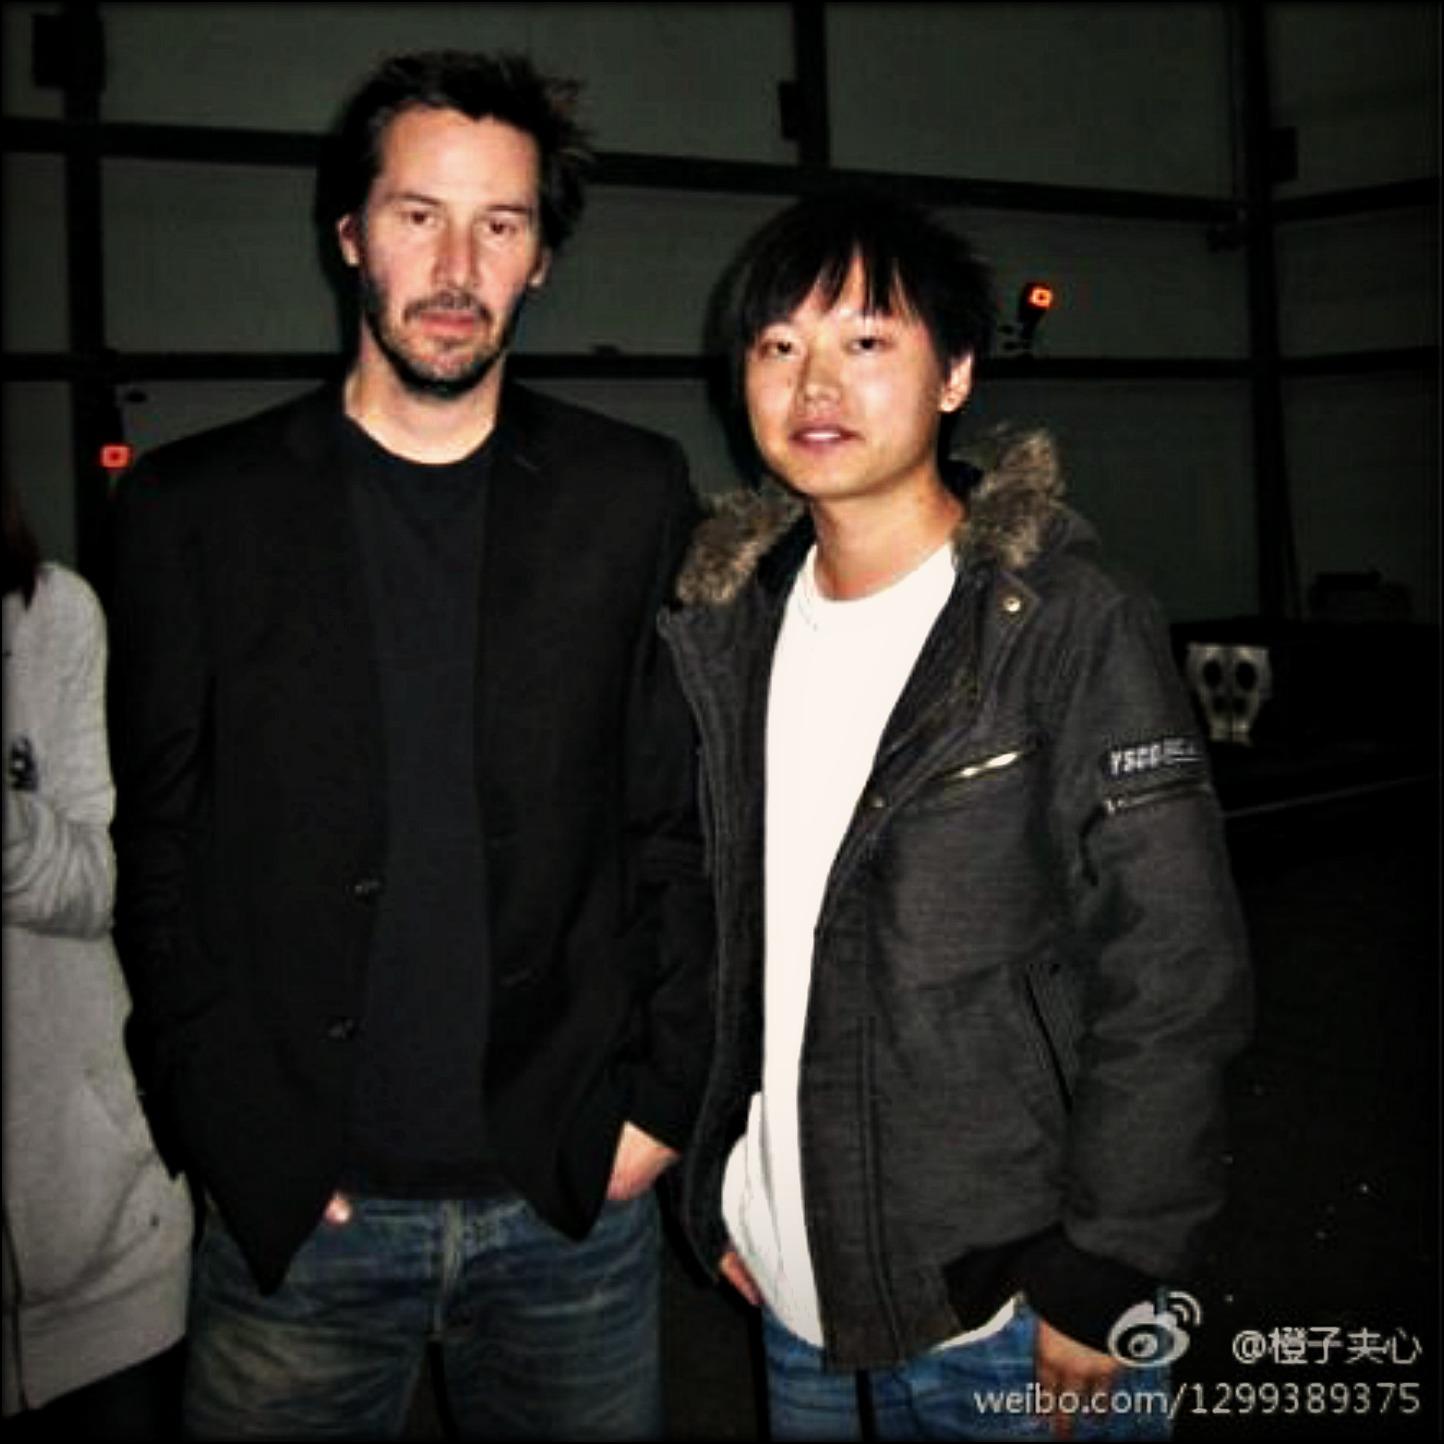 http://4.bp.blogspot.com/-3dxKtsCvYdM/TsAcdtZXmqI/AAAAAAAAAcM/fbXVfXo2xkg/s1600/keanu+13-11-2011+Beijing+a6022526de01%2528CPRM%2529.jpg